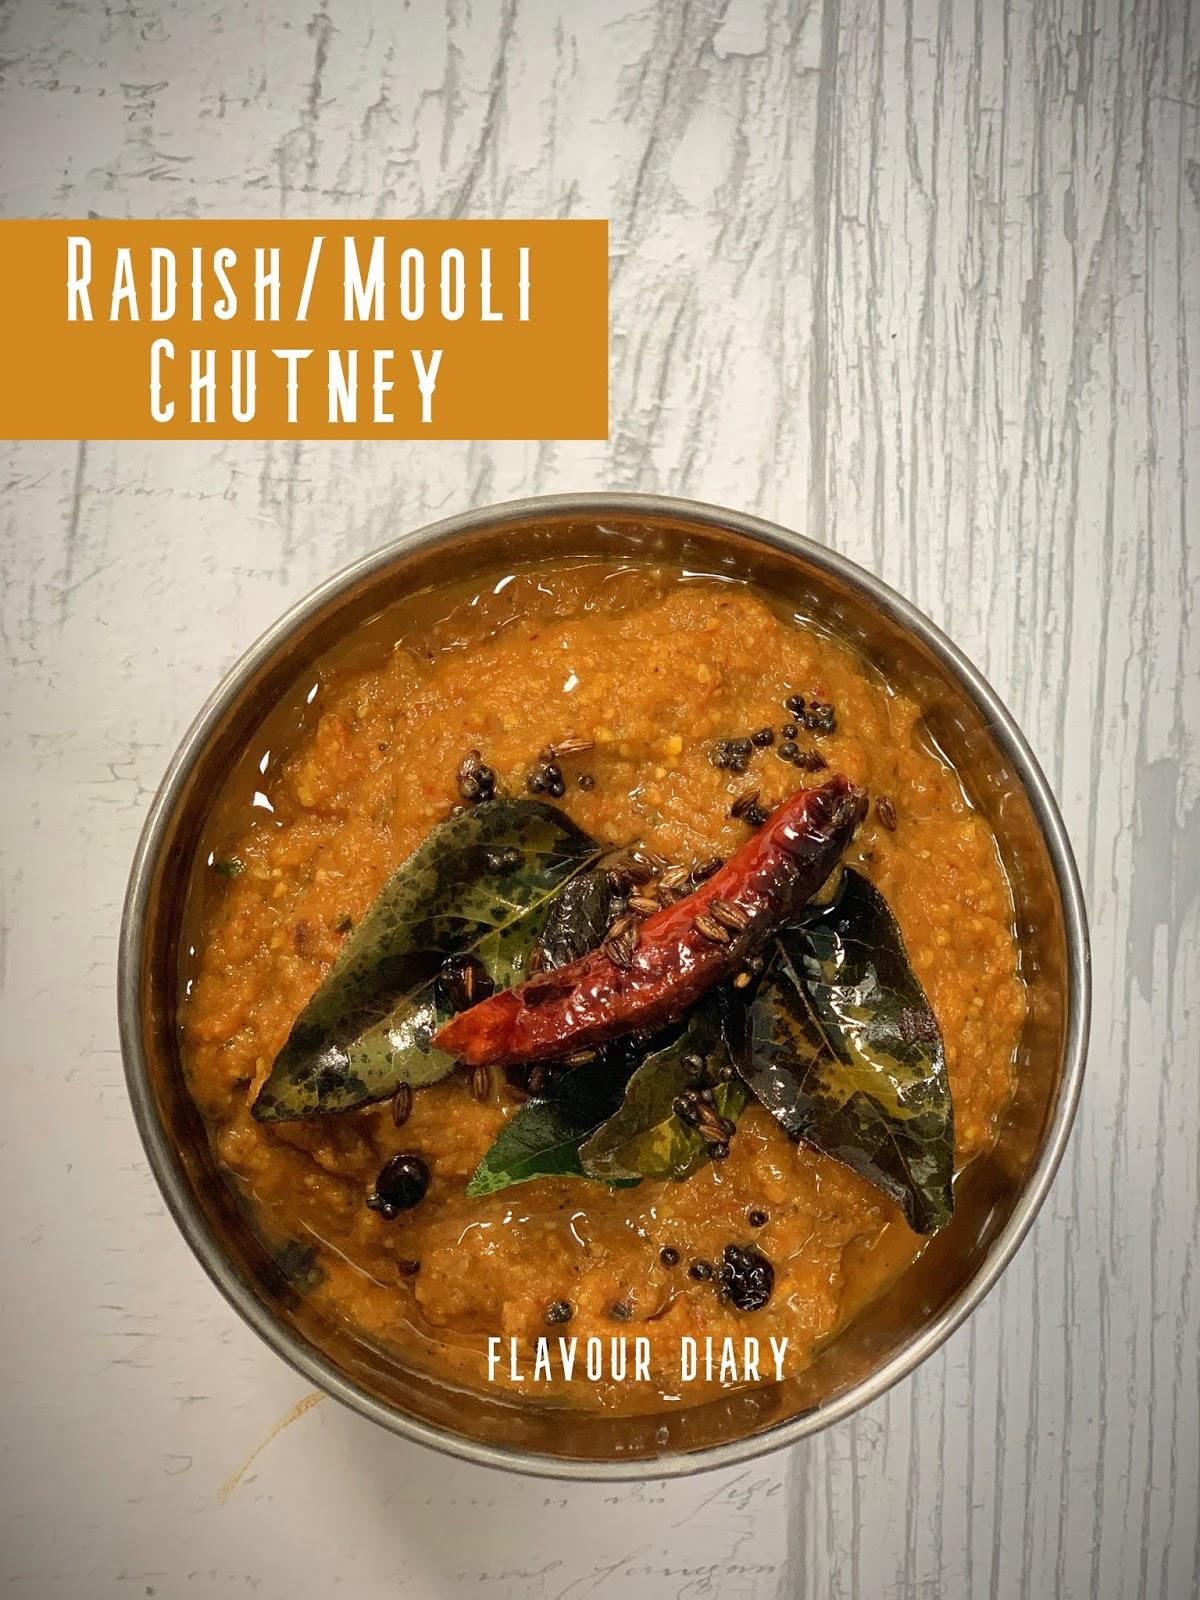 Radish Mooli Mulangi Chutney recipe